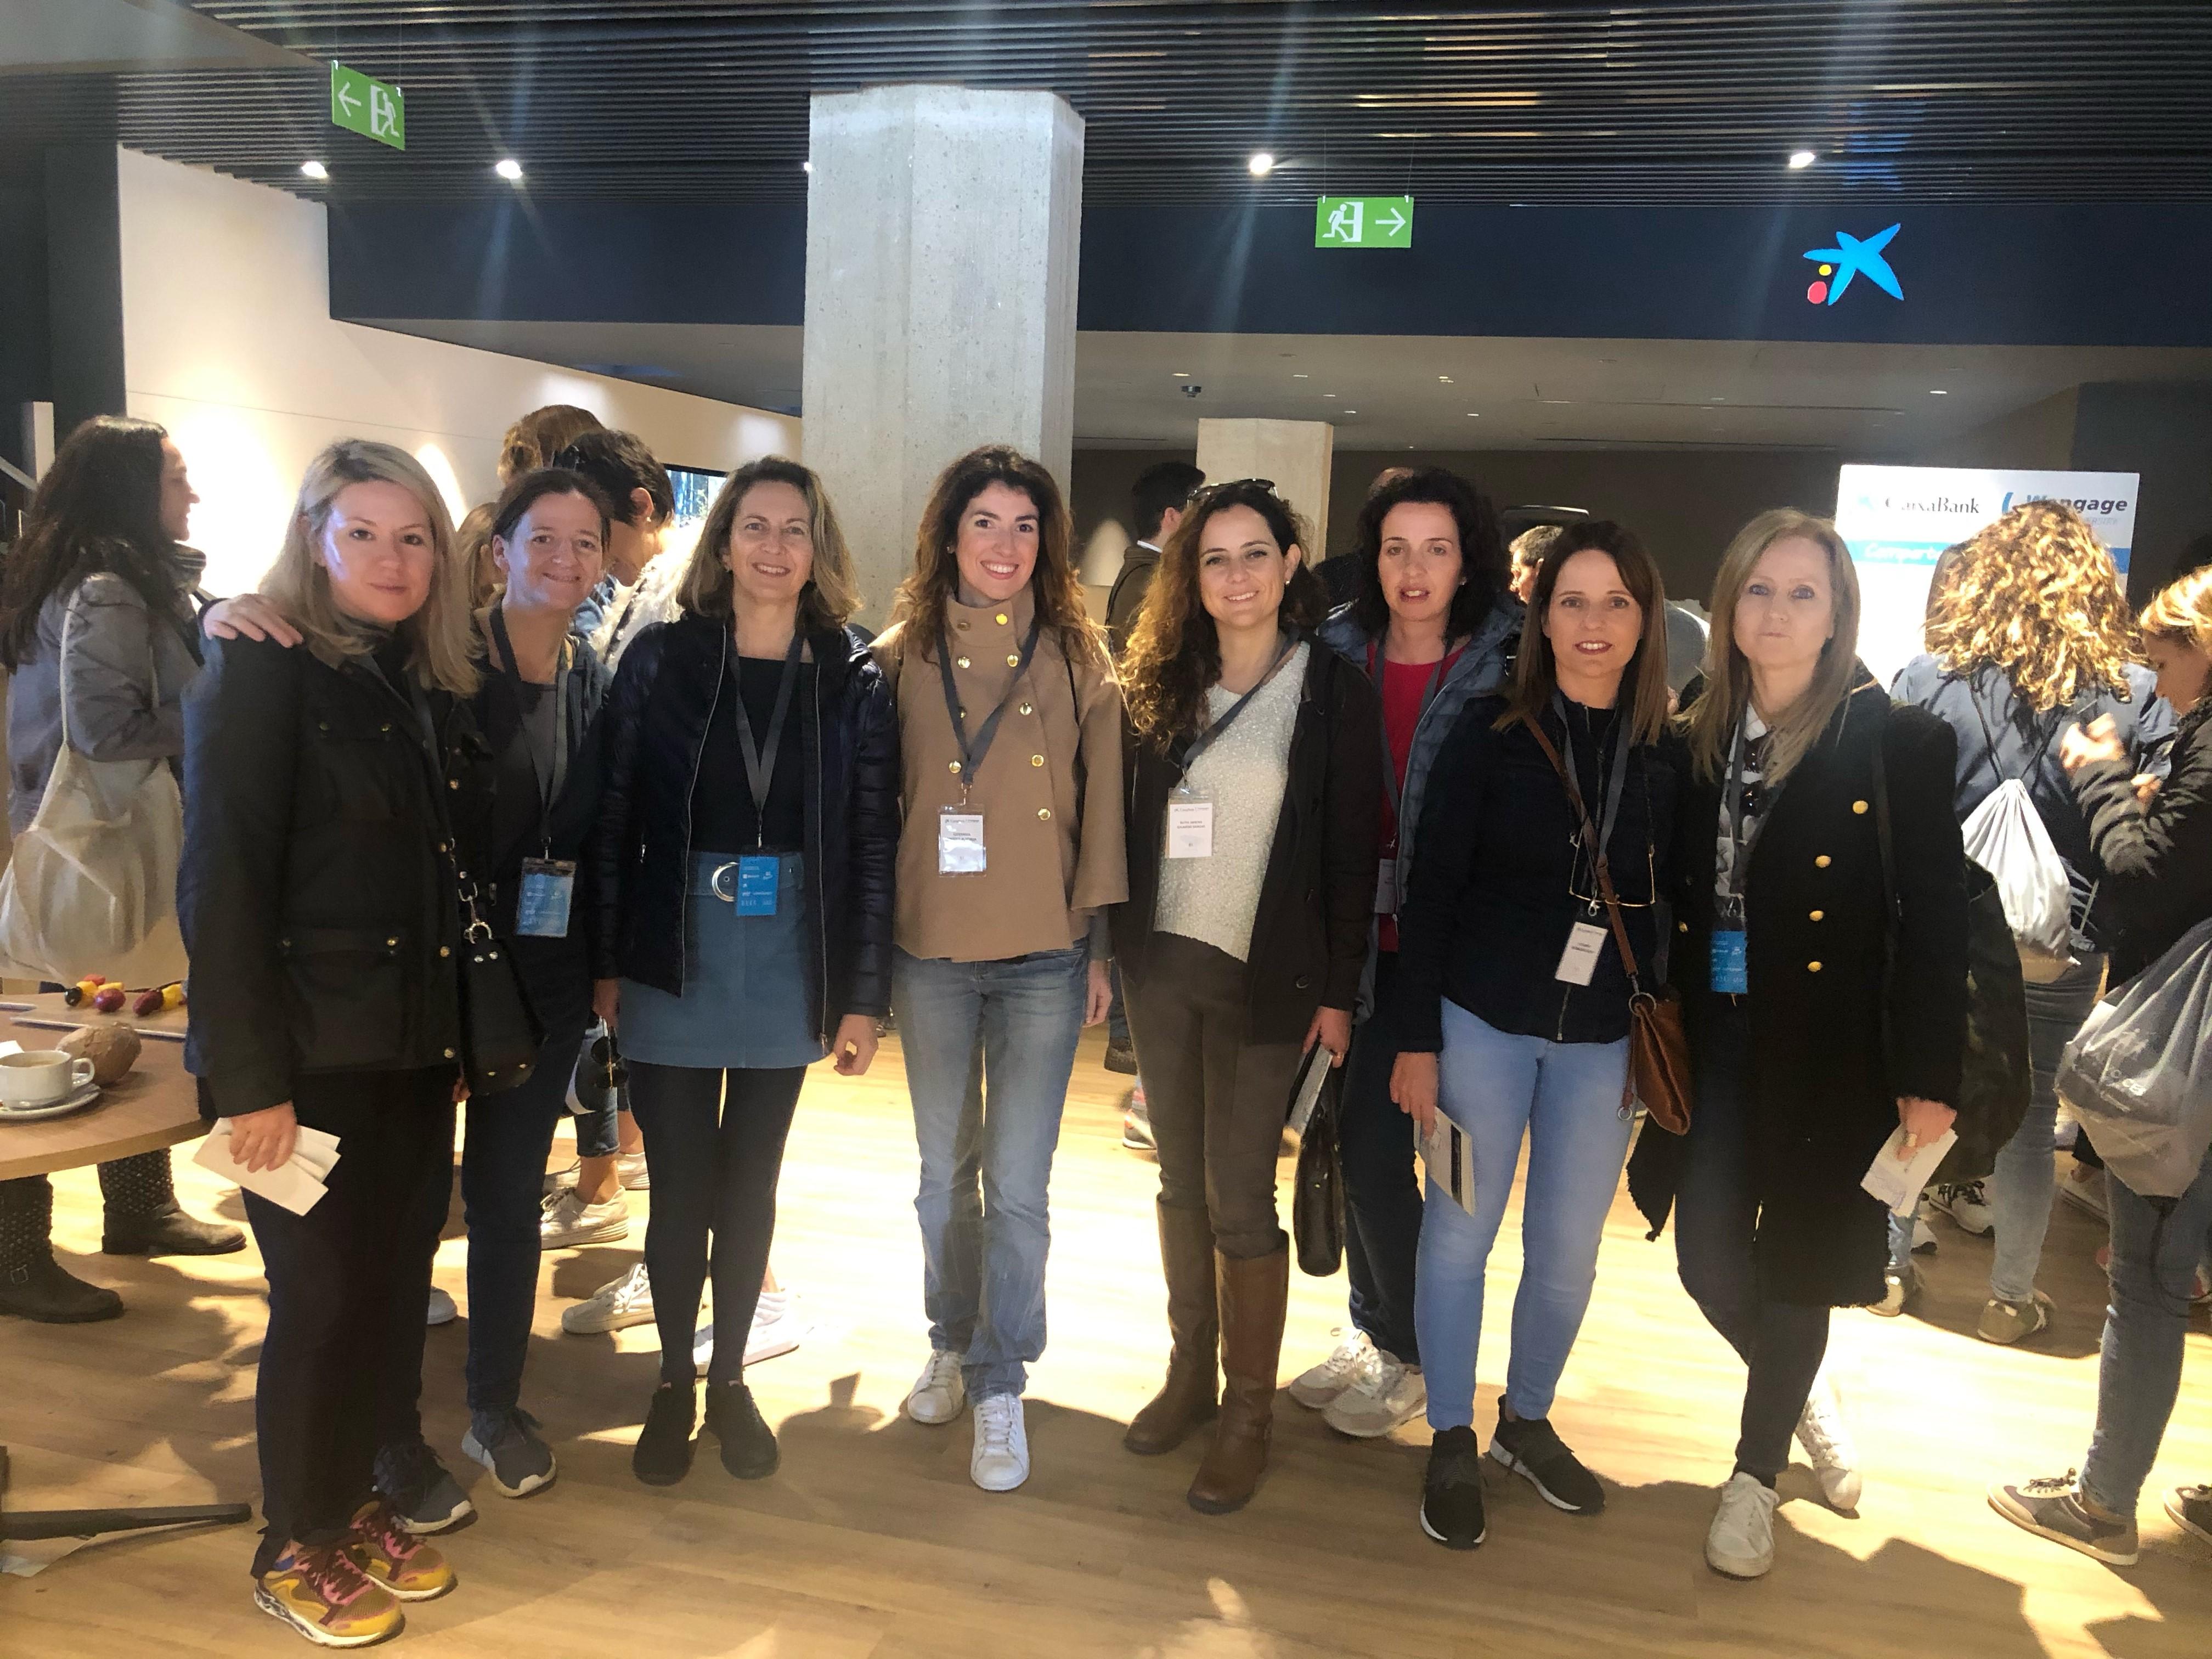 (Español) Grupo Sampol participa en la primera caminata de 'mentoring' en Palma con motivo del Día Internacional de la Mujer